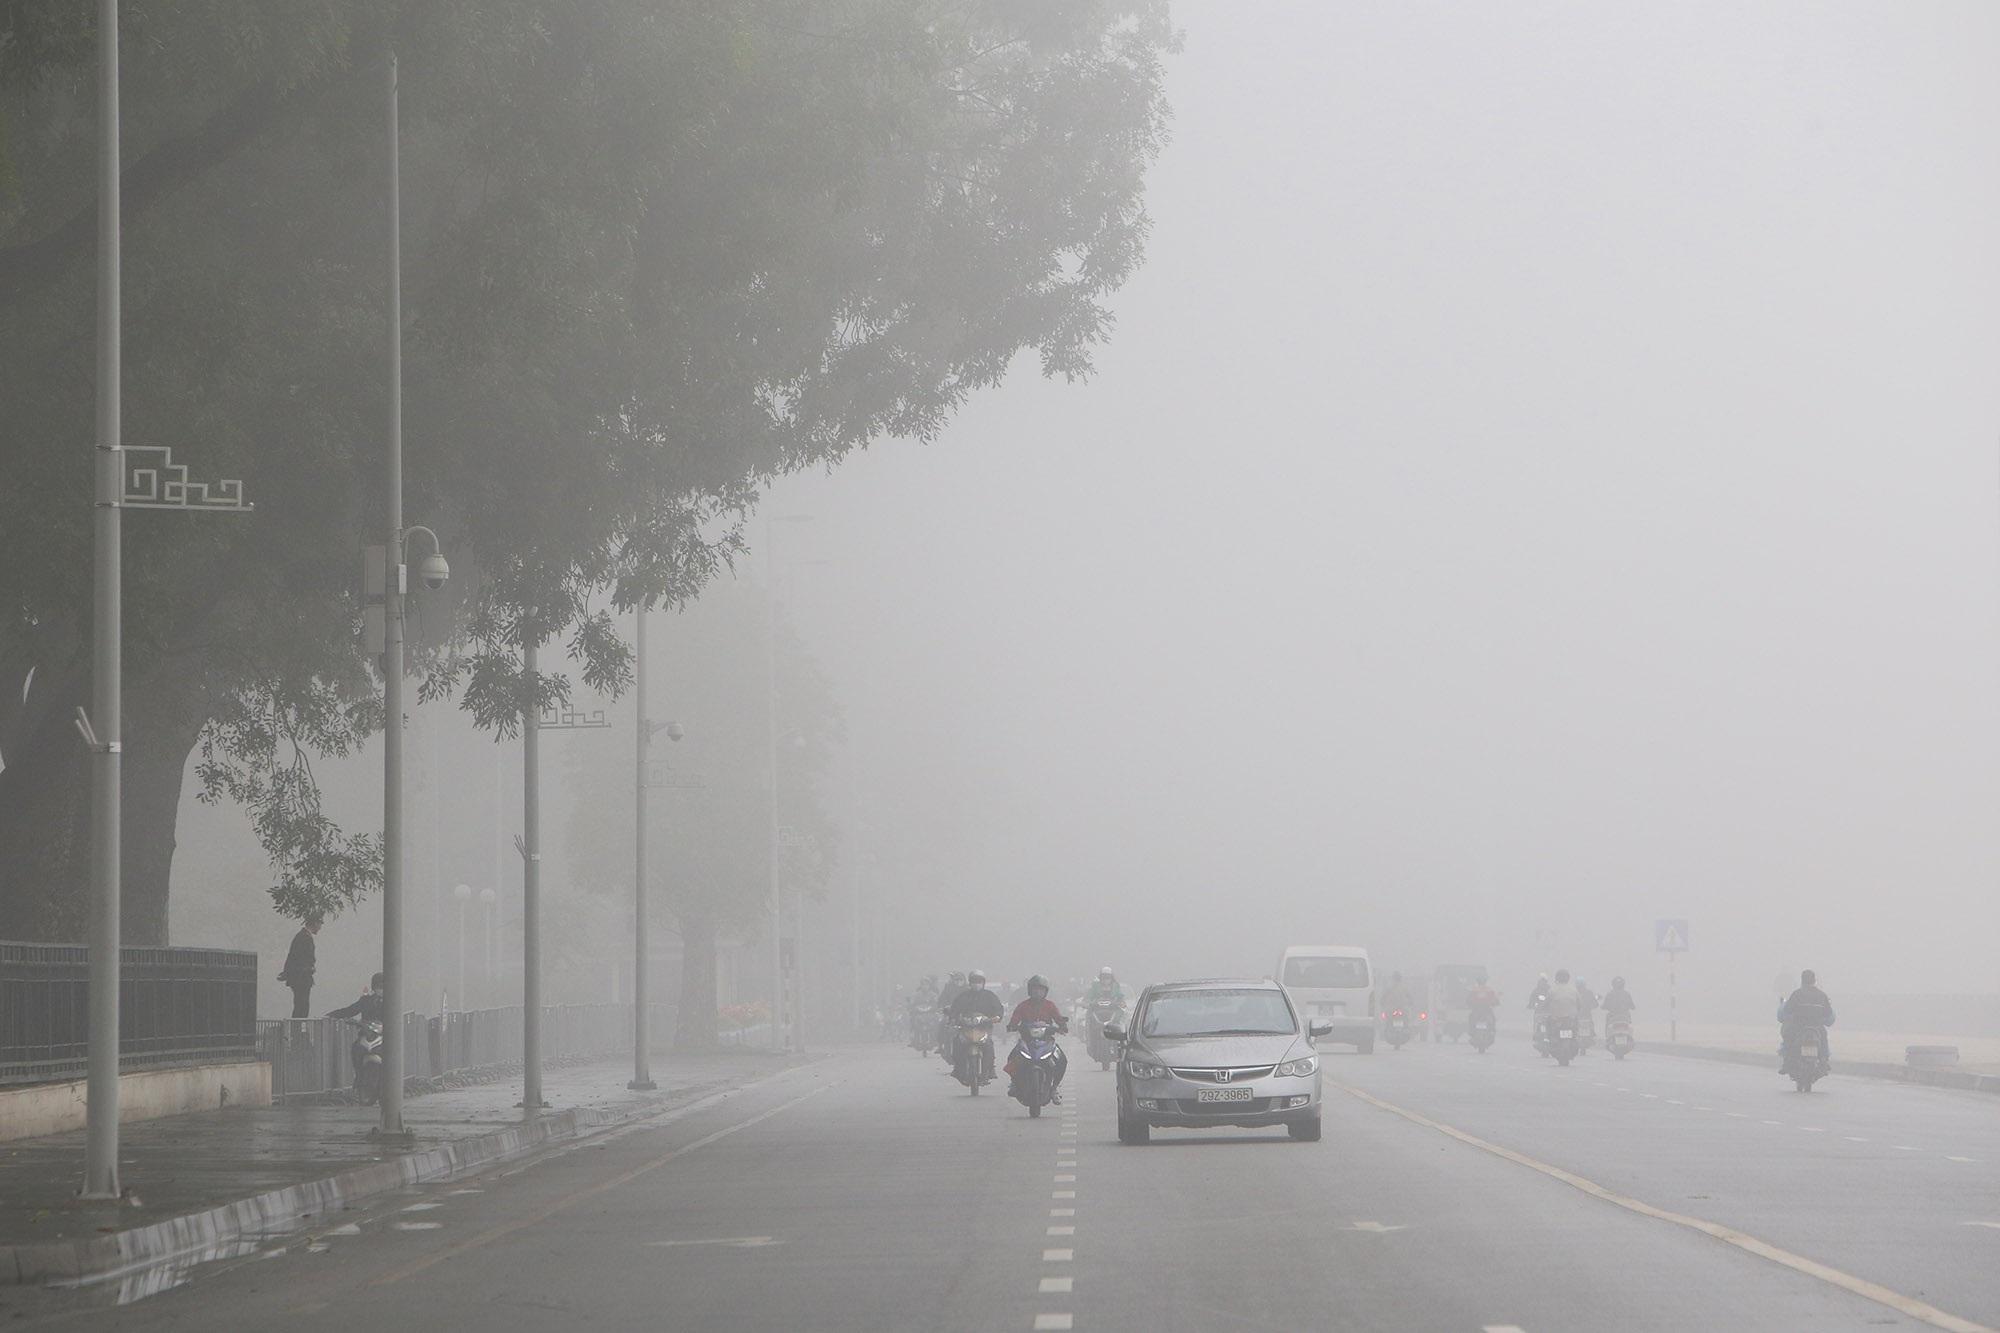 Hà Nội thơ mộng sau làn sương mù dày đặc - 3